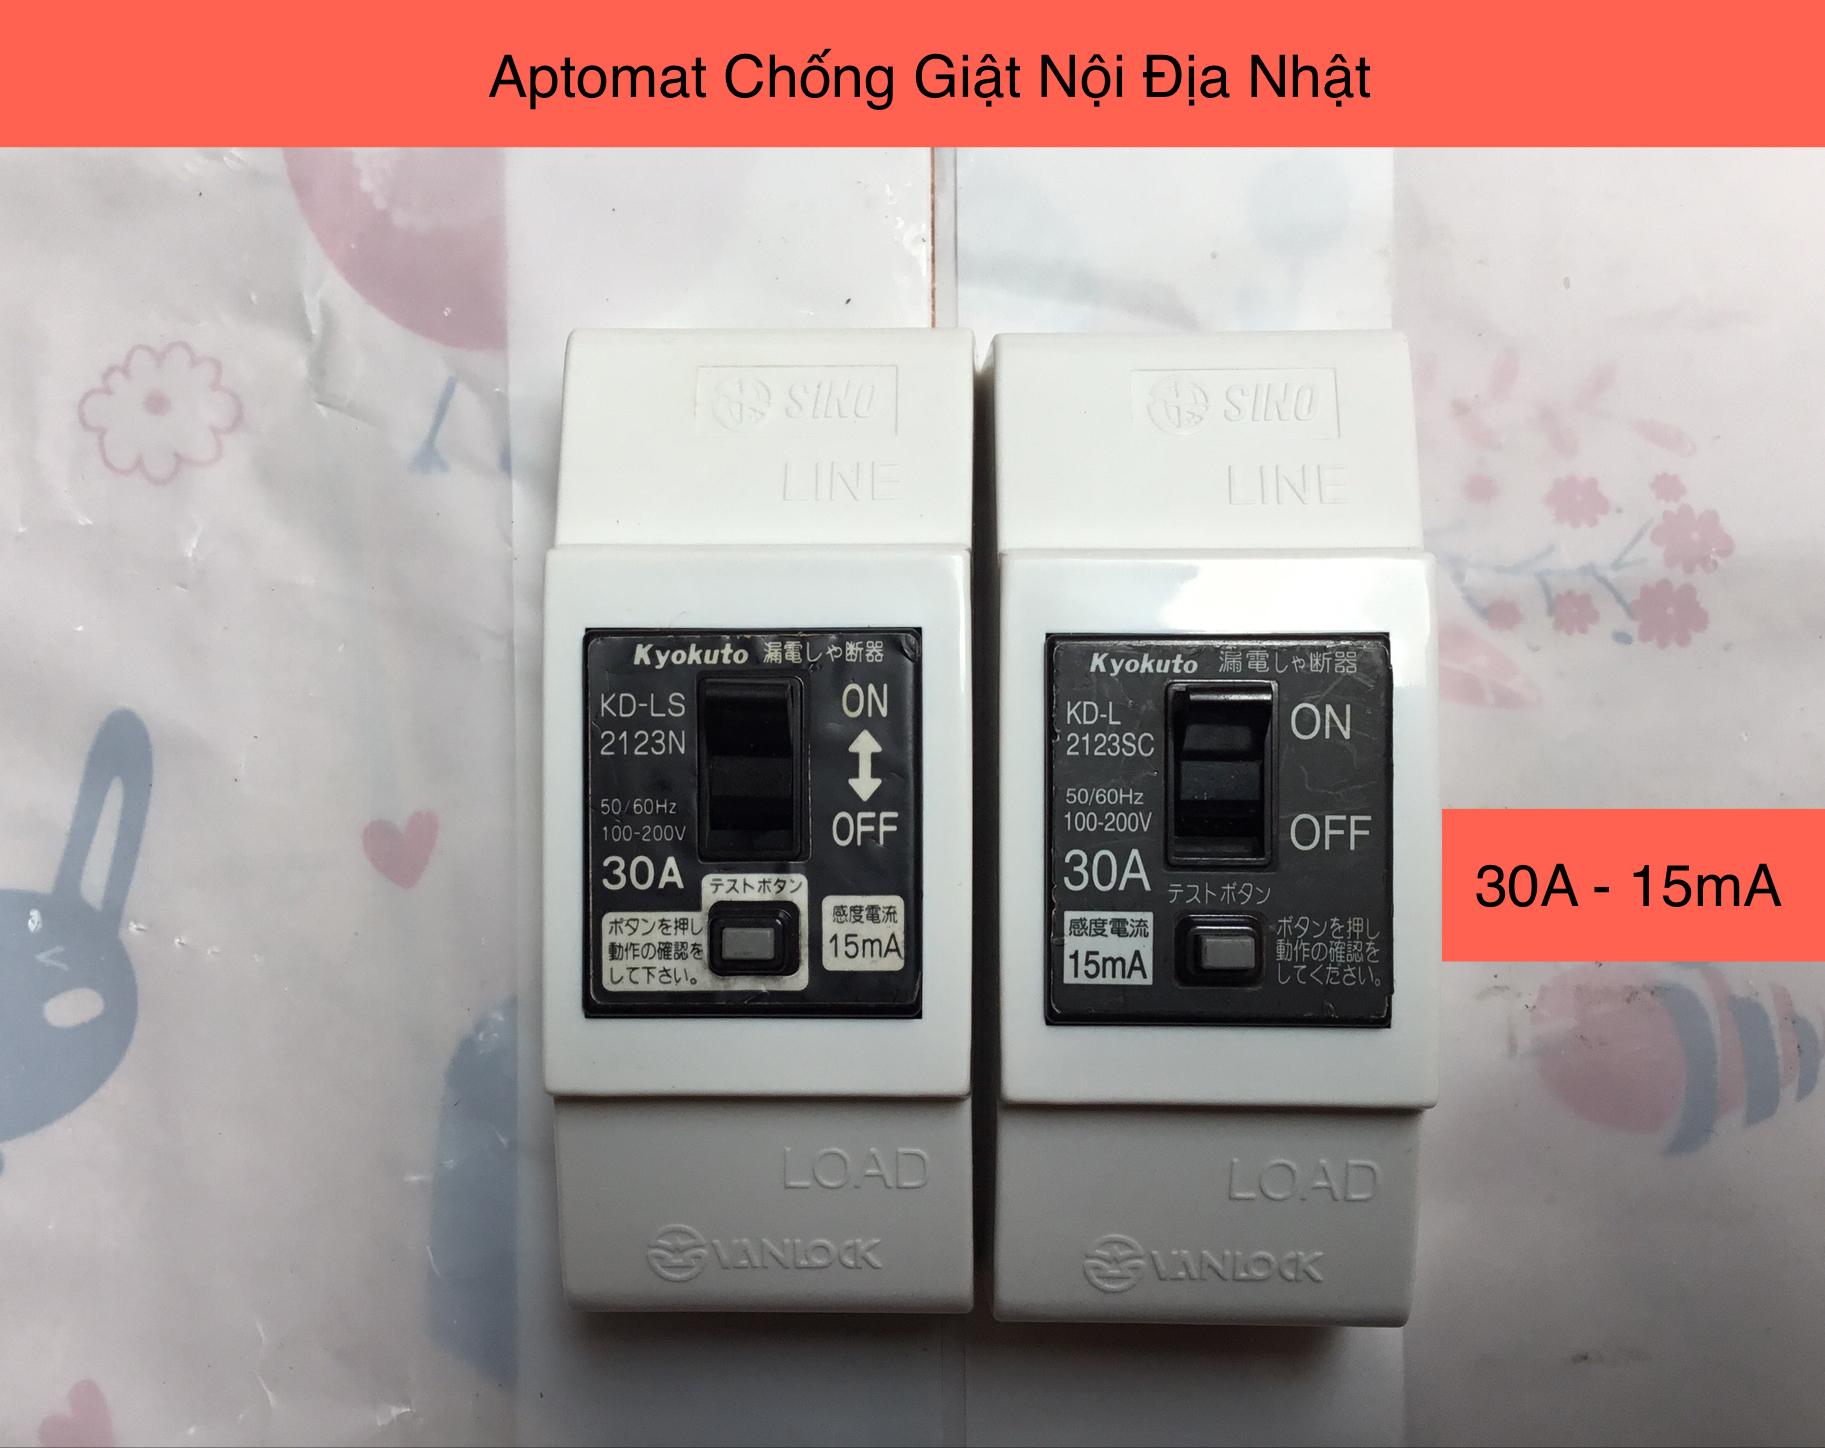 CB Chống Giật - Aptomat Chống Giật Nội Địa Nhật 30A 15mA